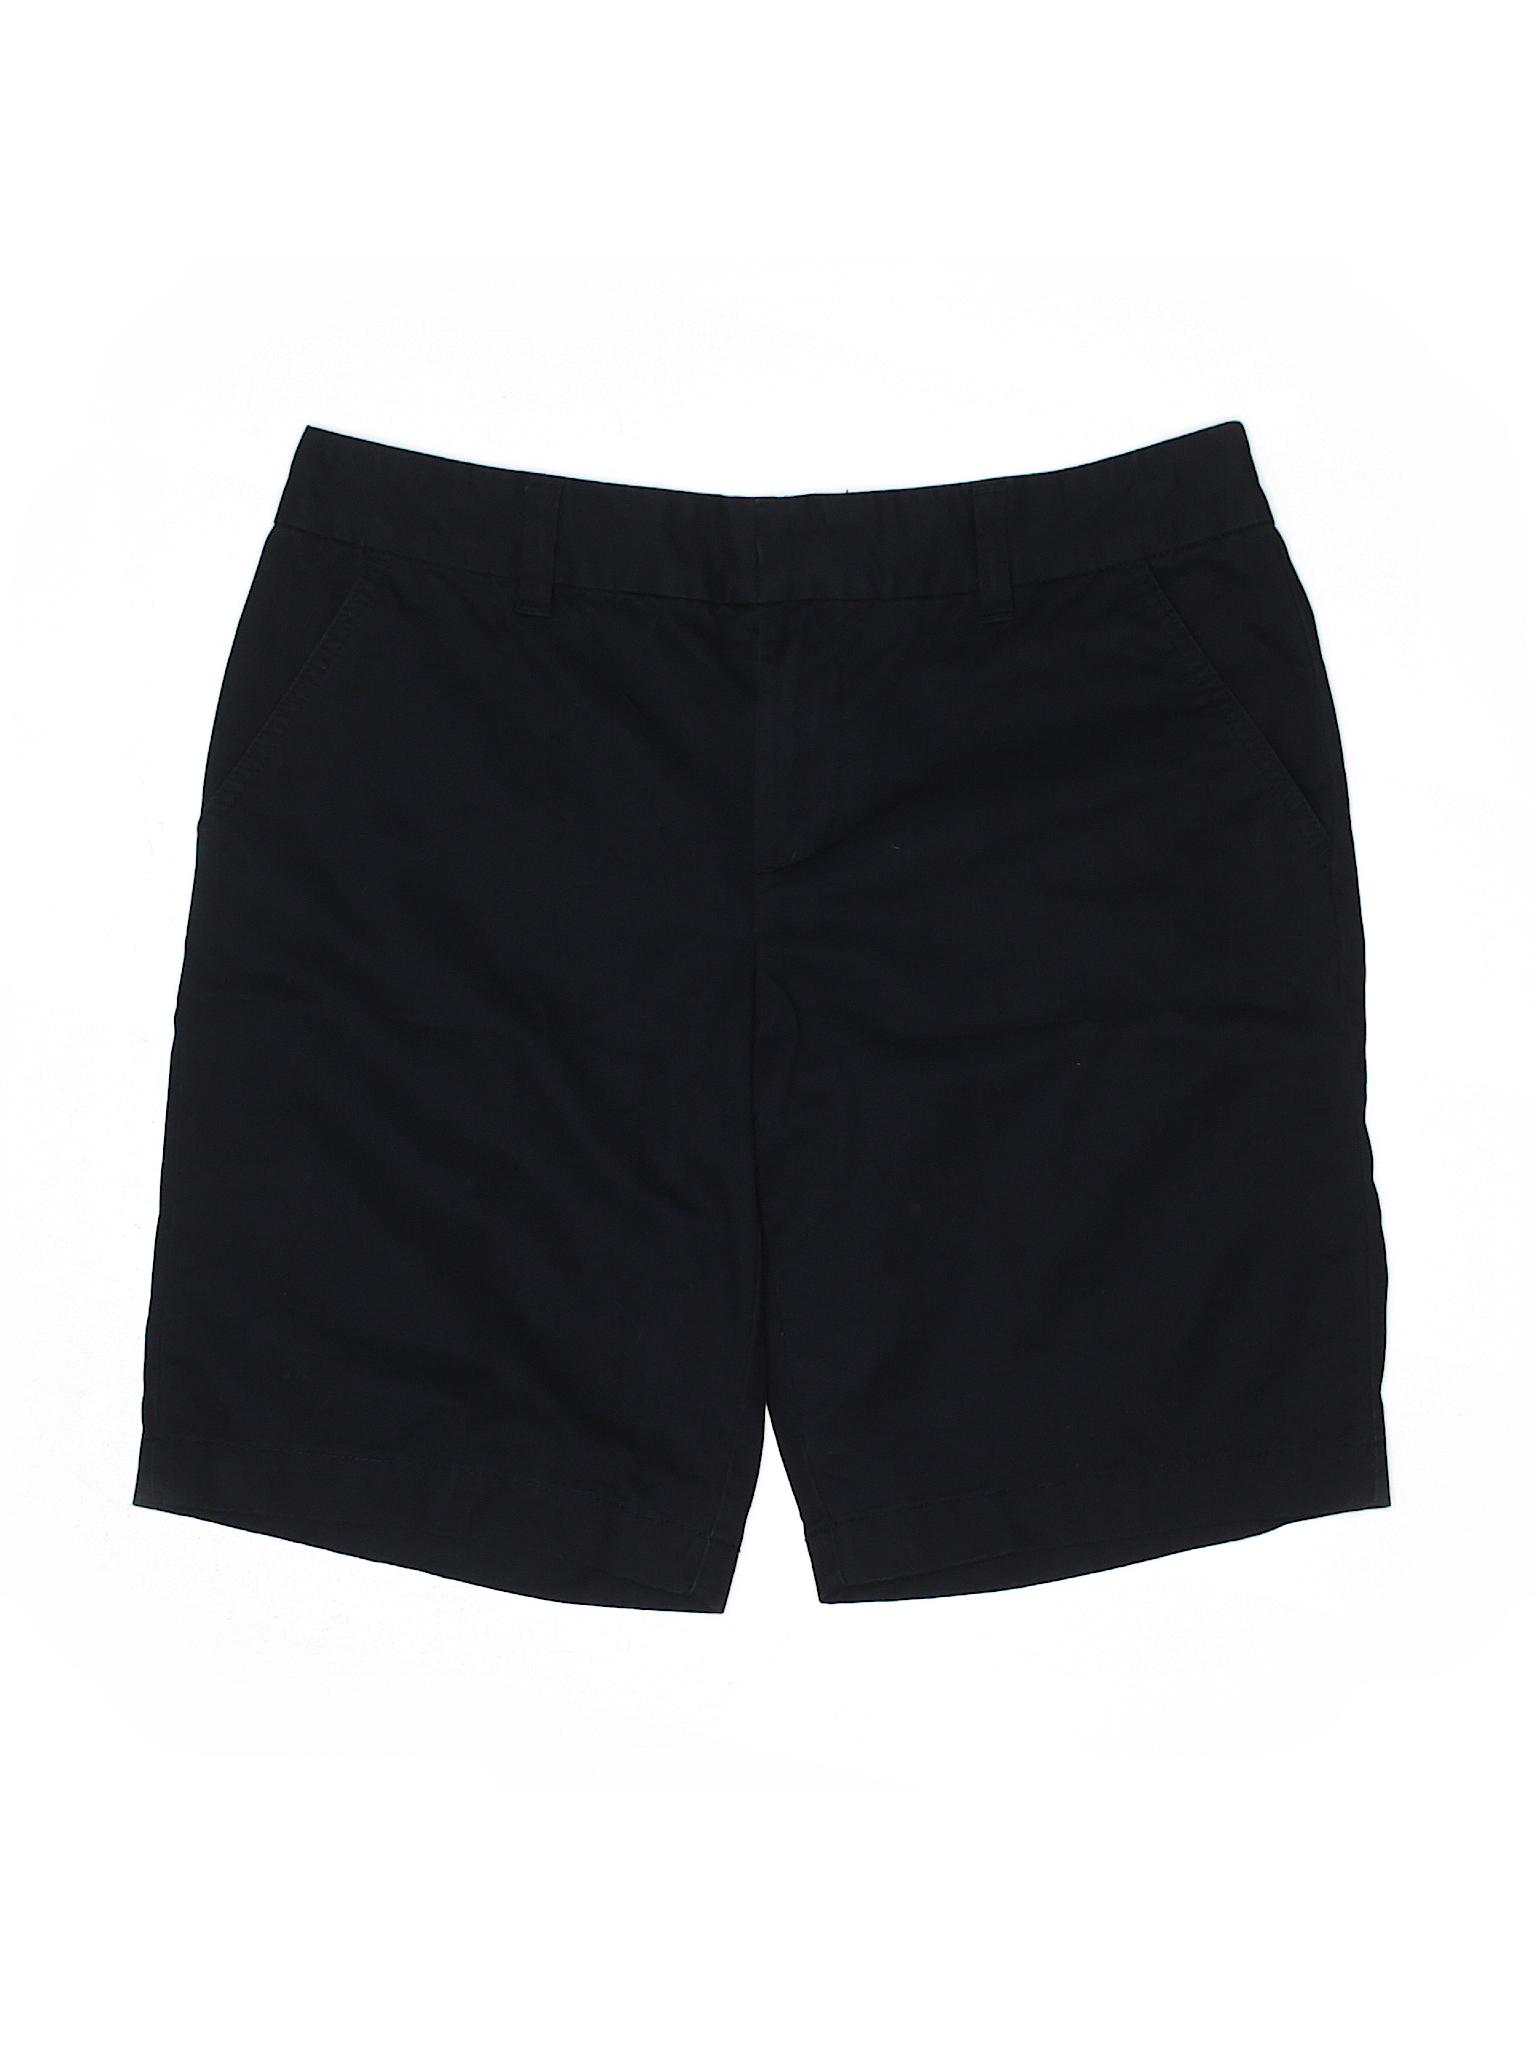 Boutique Khaki leisure Hilfiger Shorts Tommy qqF16ntrwC